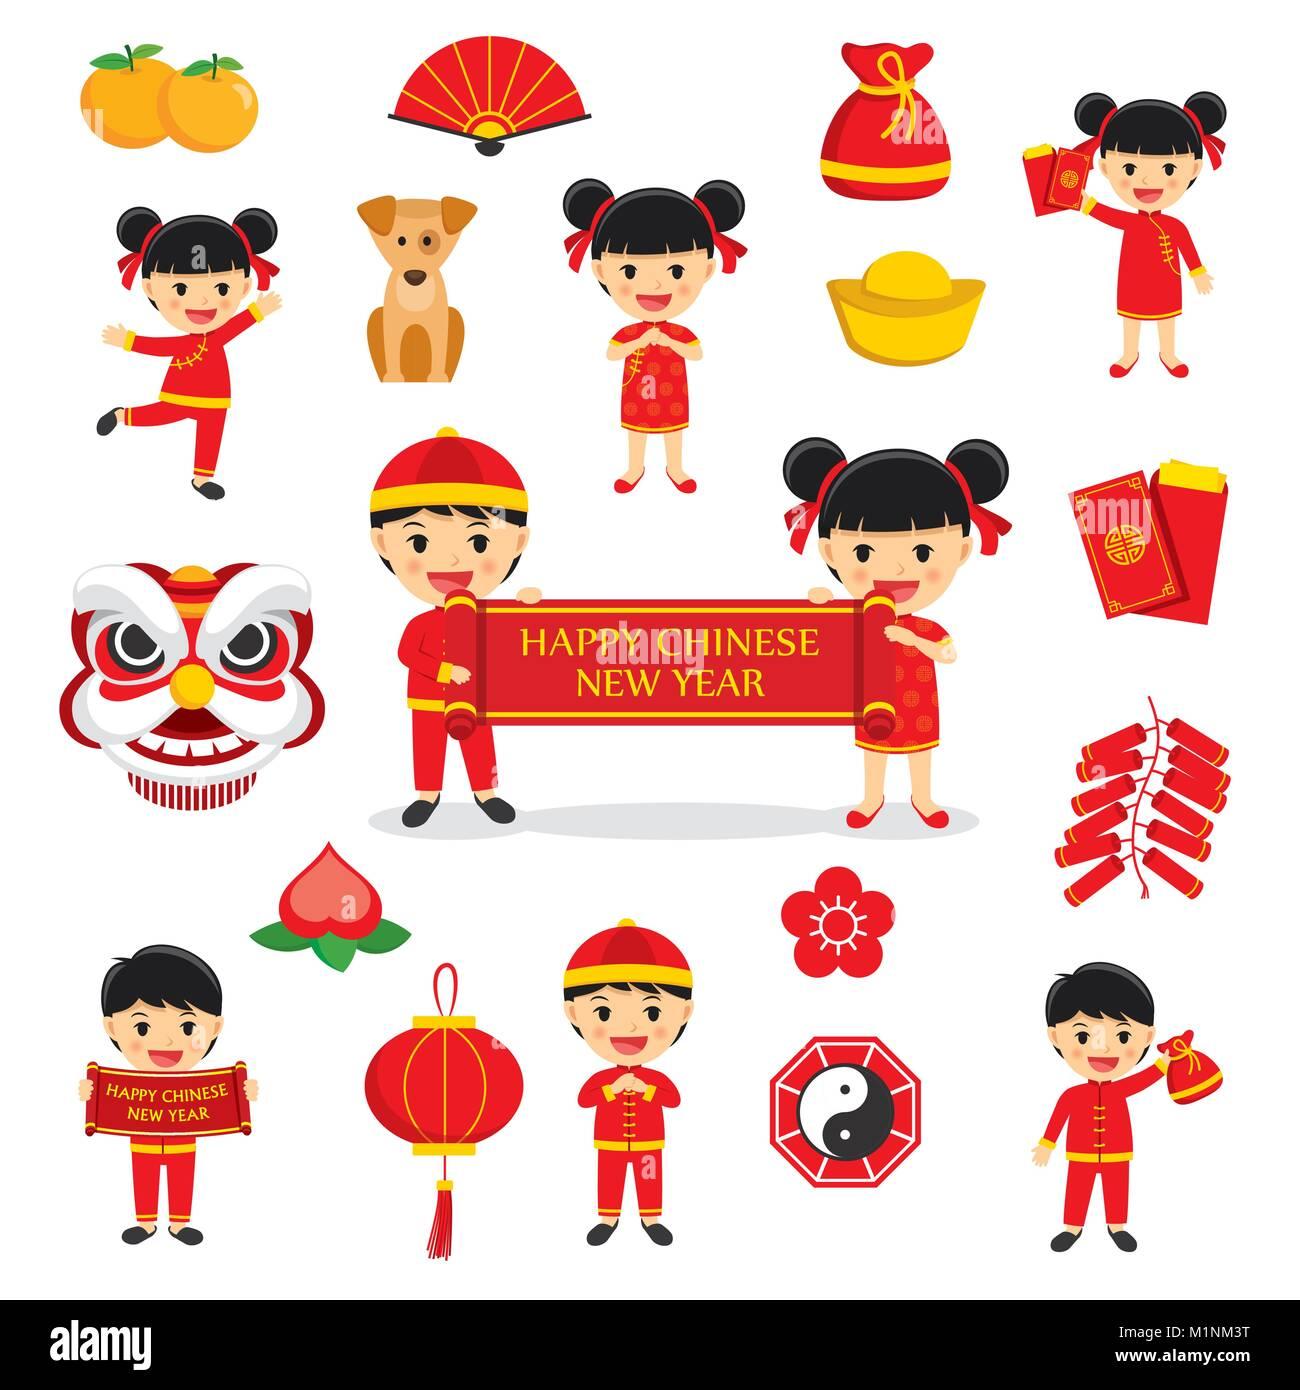 Feliz Año Nuevo Chino Decoración Tradicional Con Caracteres